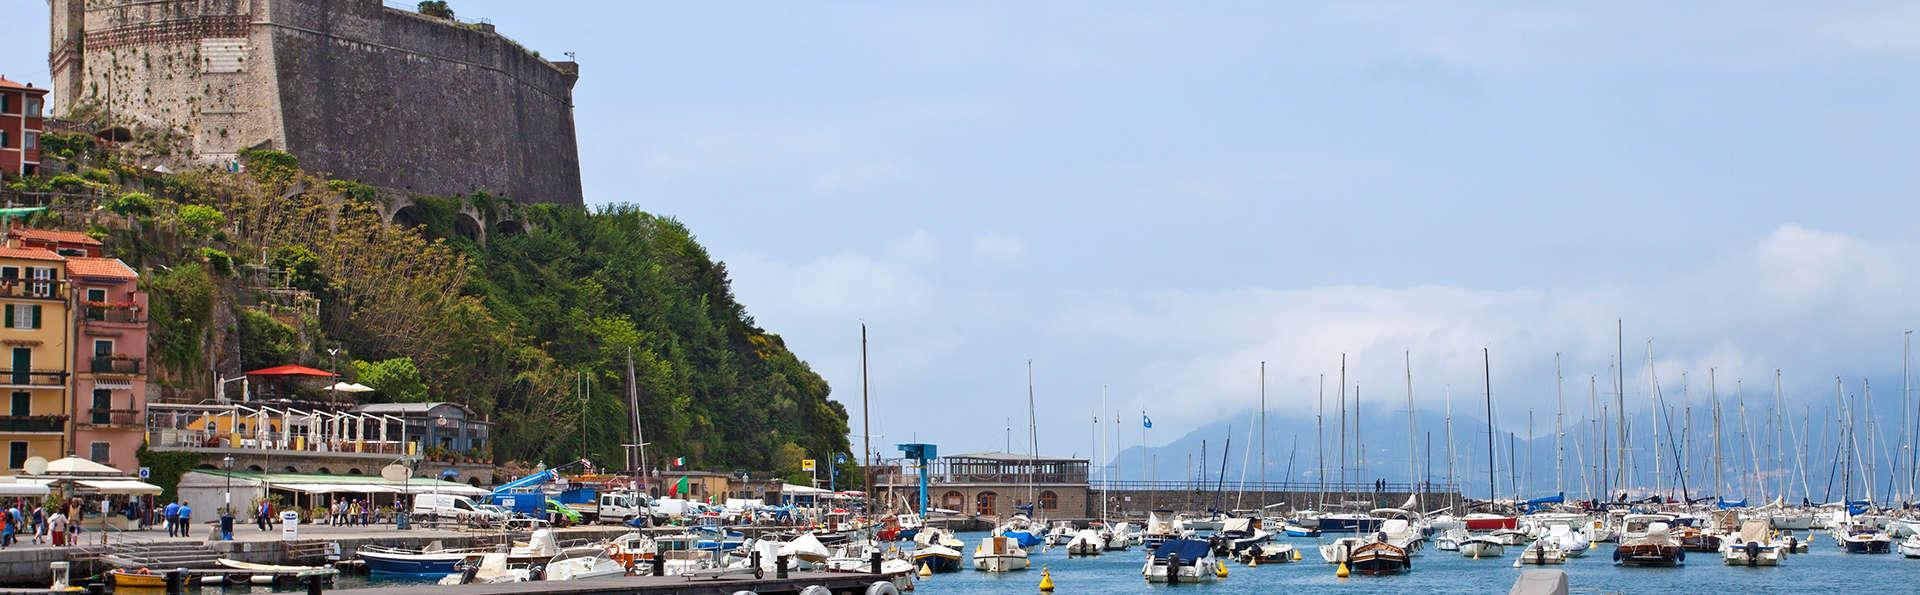 Santa Caterina Park Hotel - edit_Fotolia_53296506_sarzana.jpg